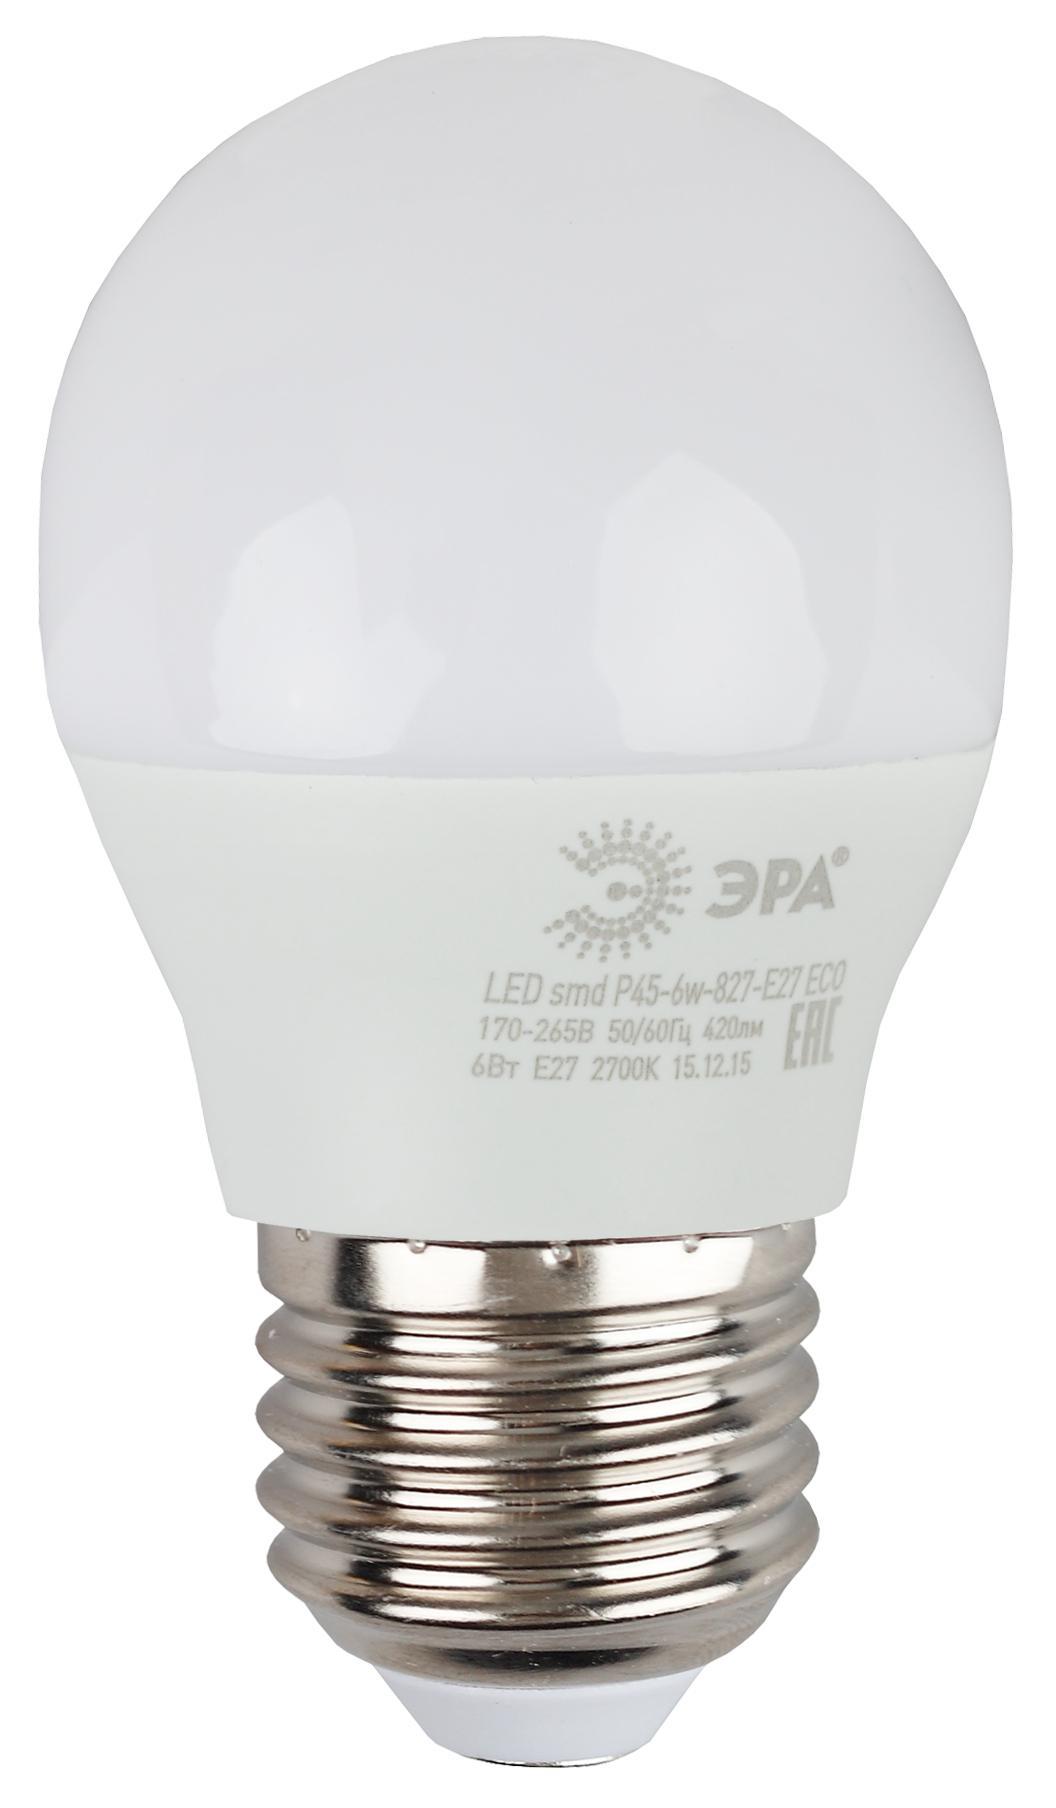 Лампа светодиодная ЭРА Led smd Р45-6w-840-e27 eco лампа светодиодная эра led smd bxs 7w 840 e14 clear